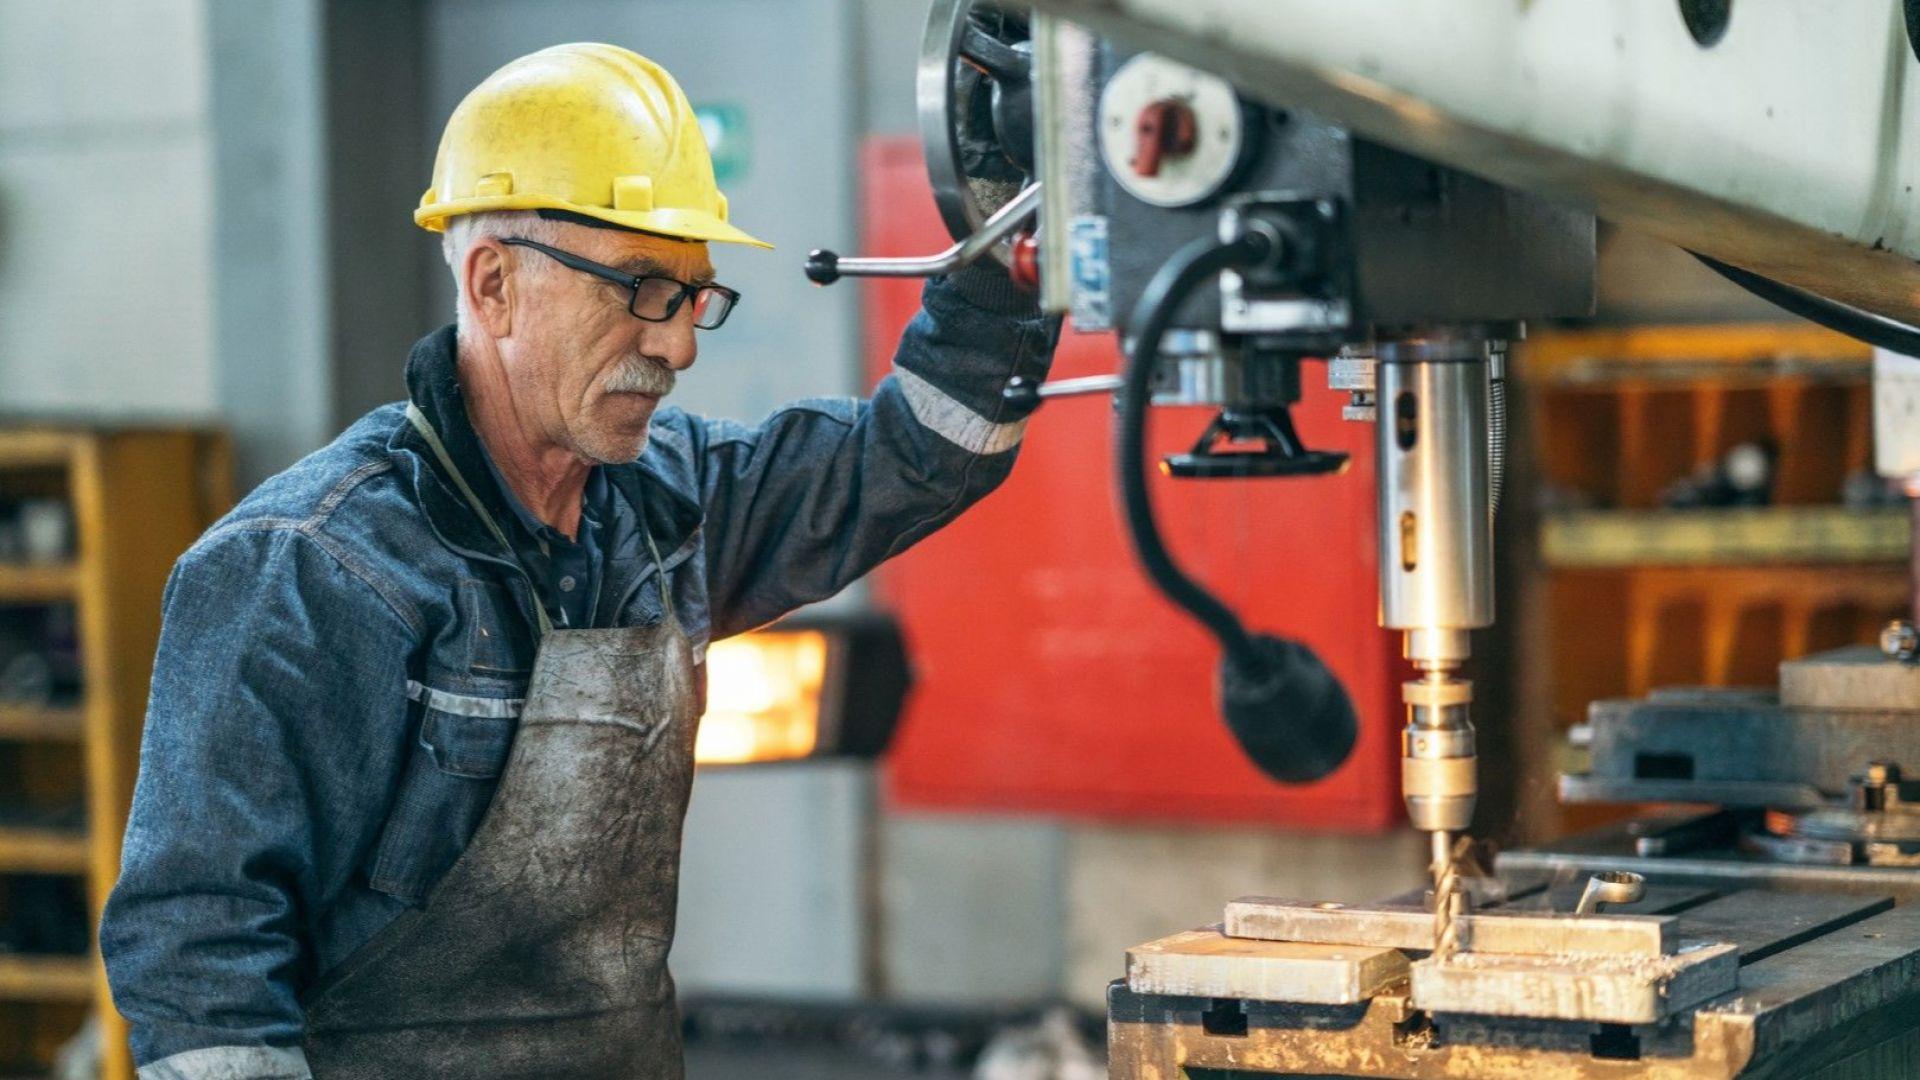 Близо 100 000 са работещите над 65 г. и броят им расте